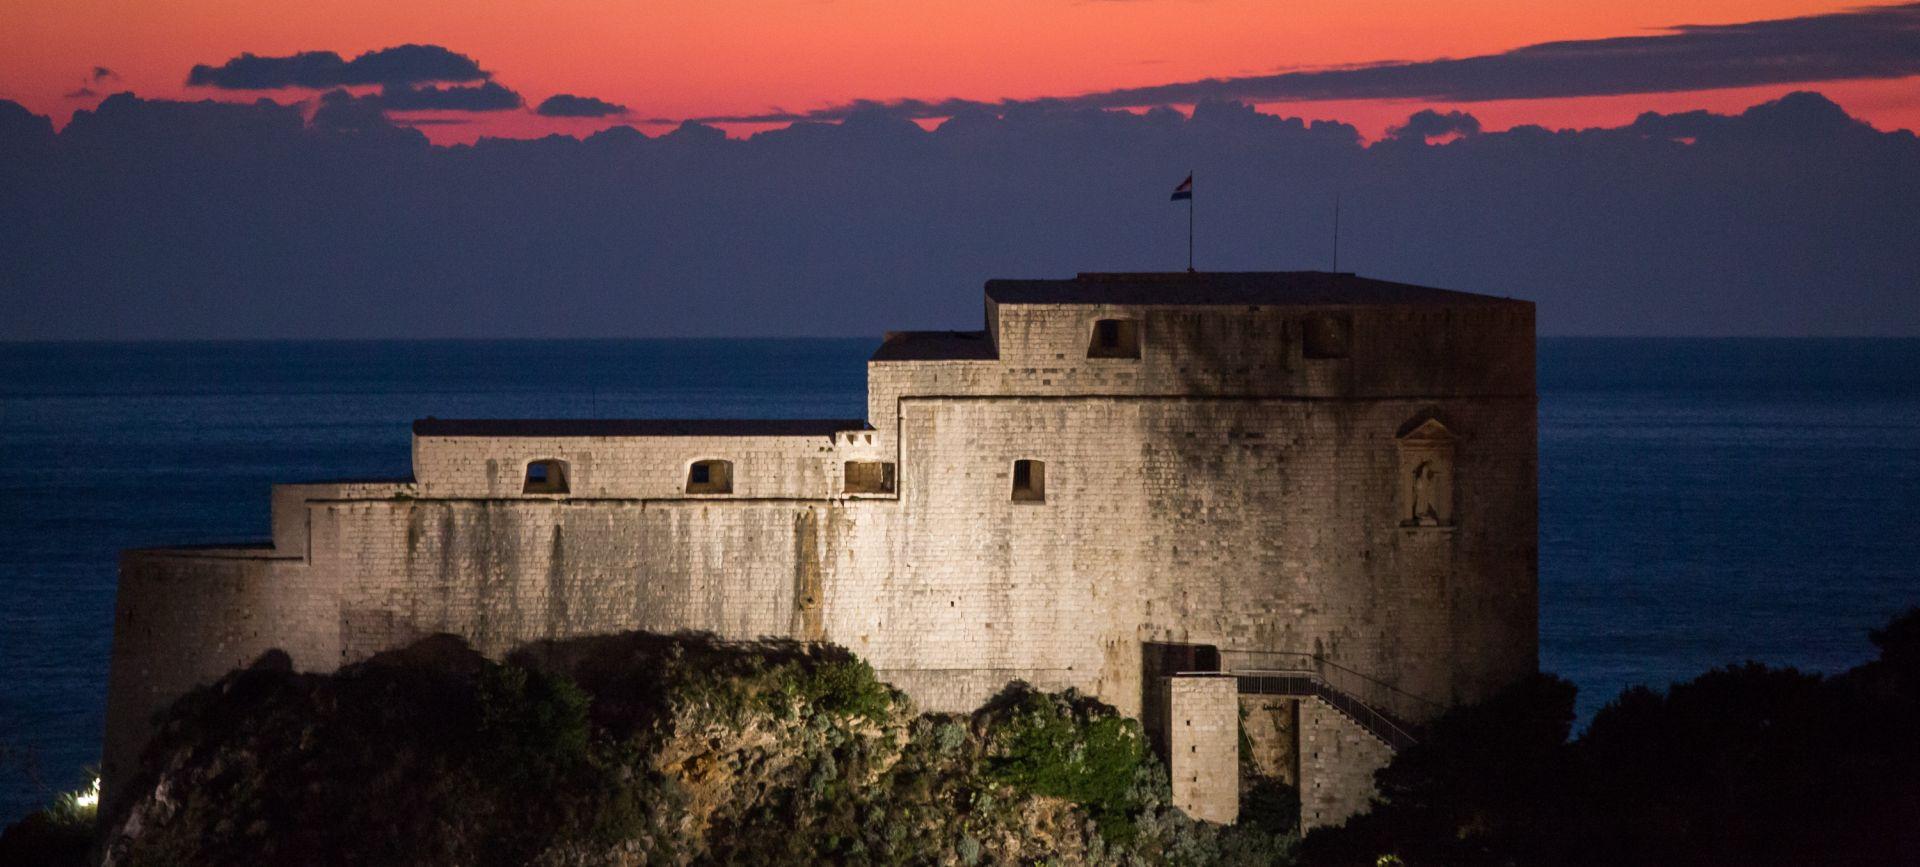 Rekordan broj posjetitelja na dubrovačkim zidinama